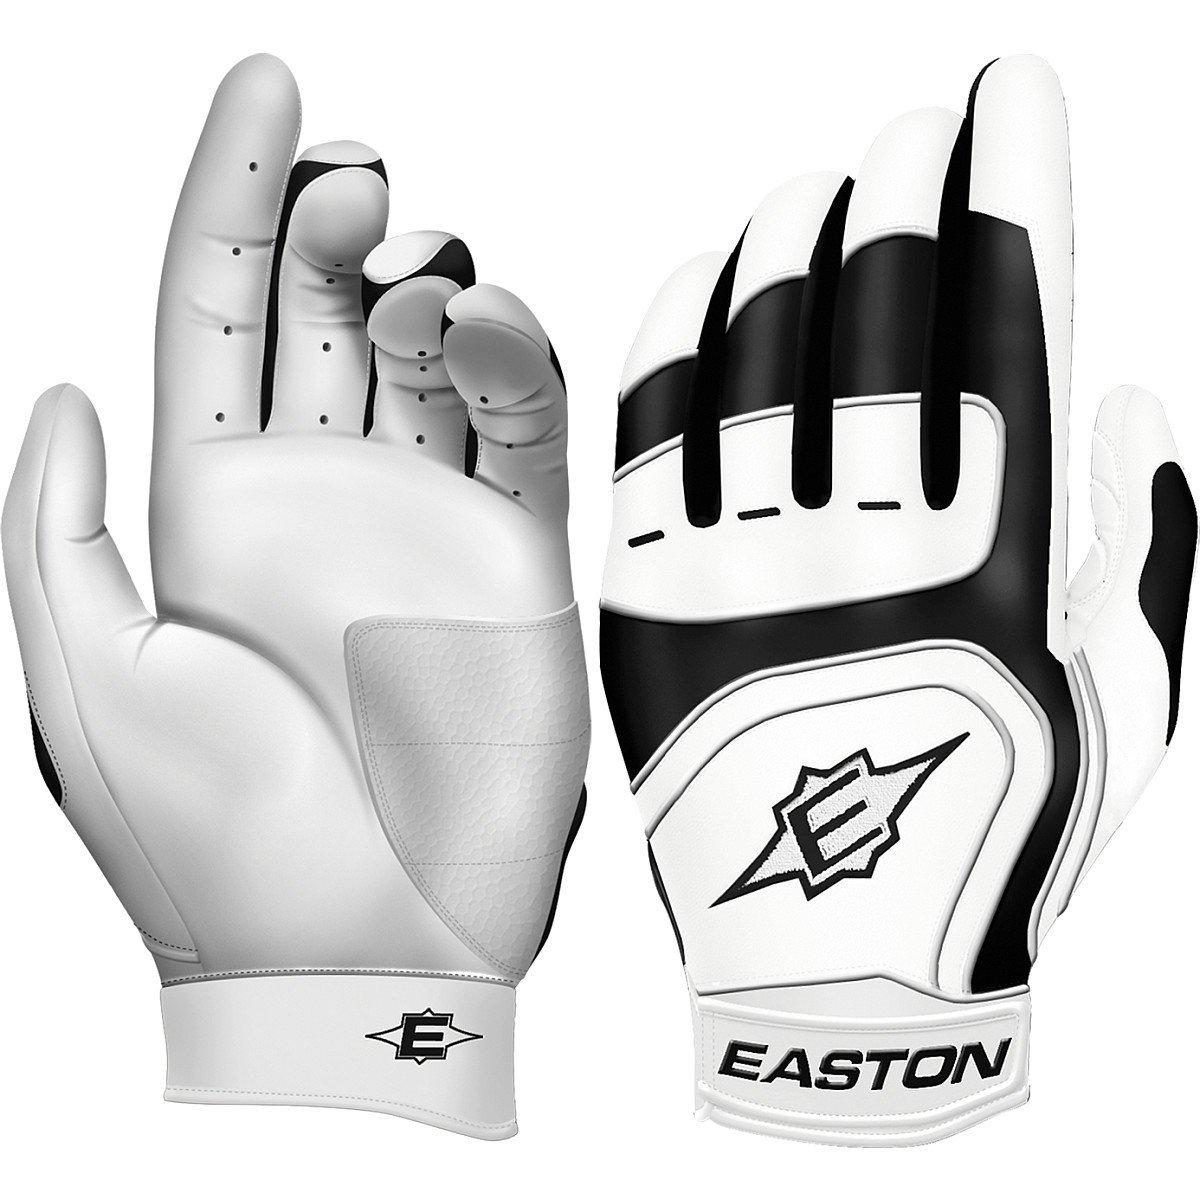 Easton Sv12 Pro Batting Gloves